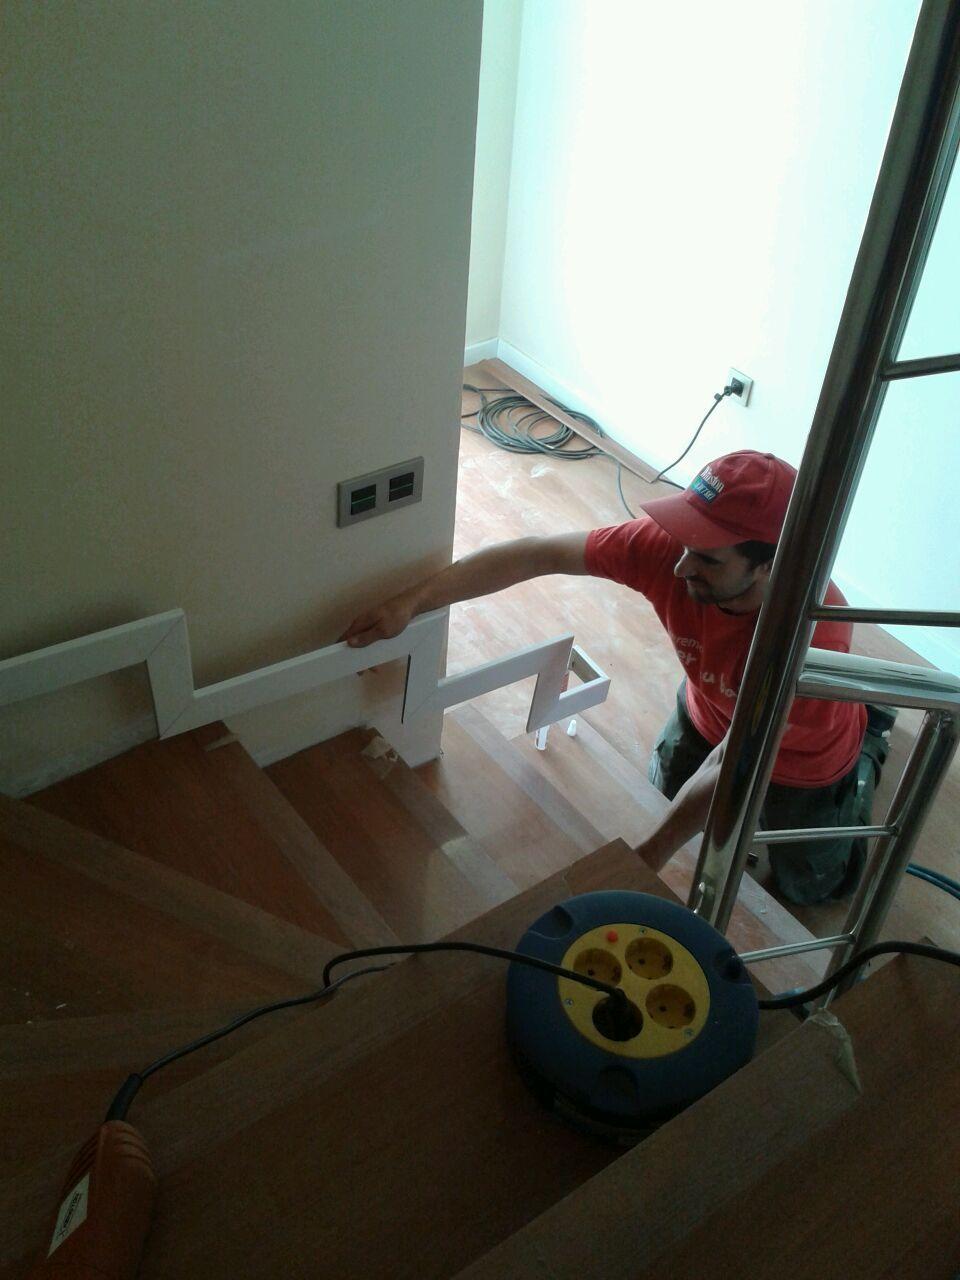 Escalones con suelo laminado viva parquet - Montaje suelo laminado ...